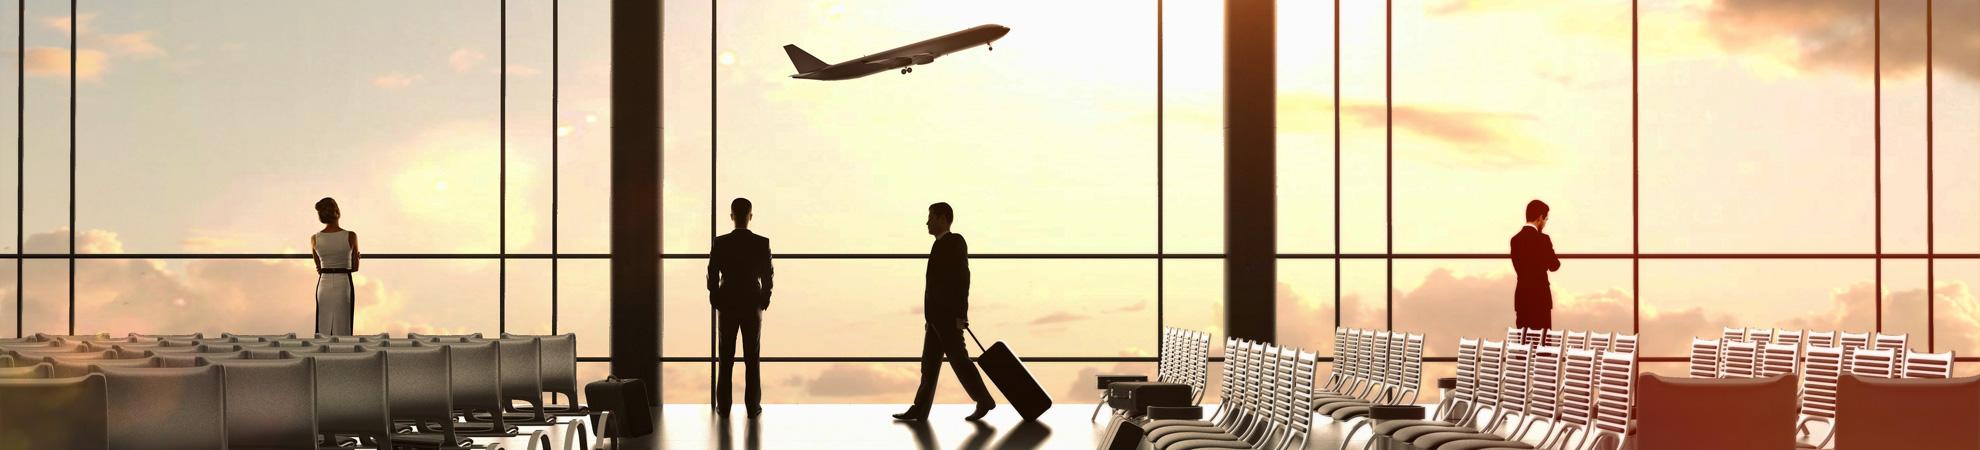 Conseils pratiques pour améliorer son expérience à l'aéroport à Bali